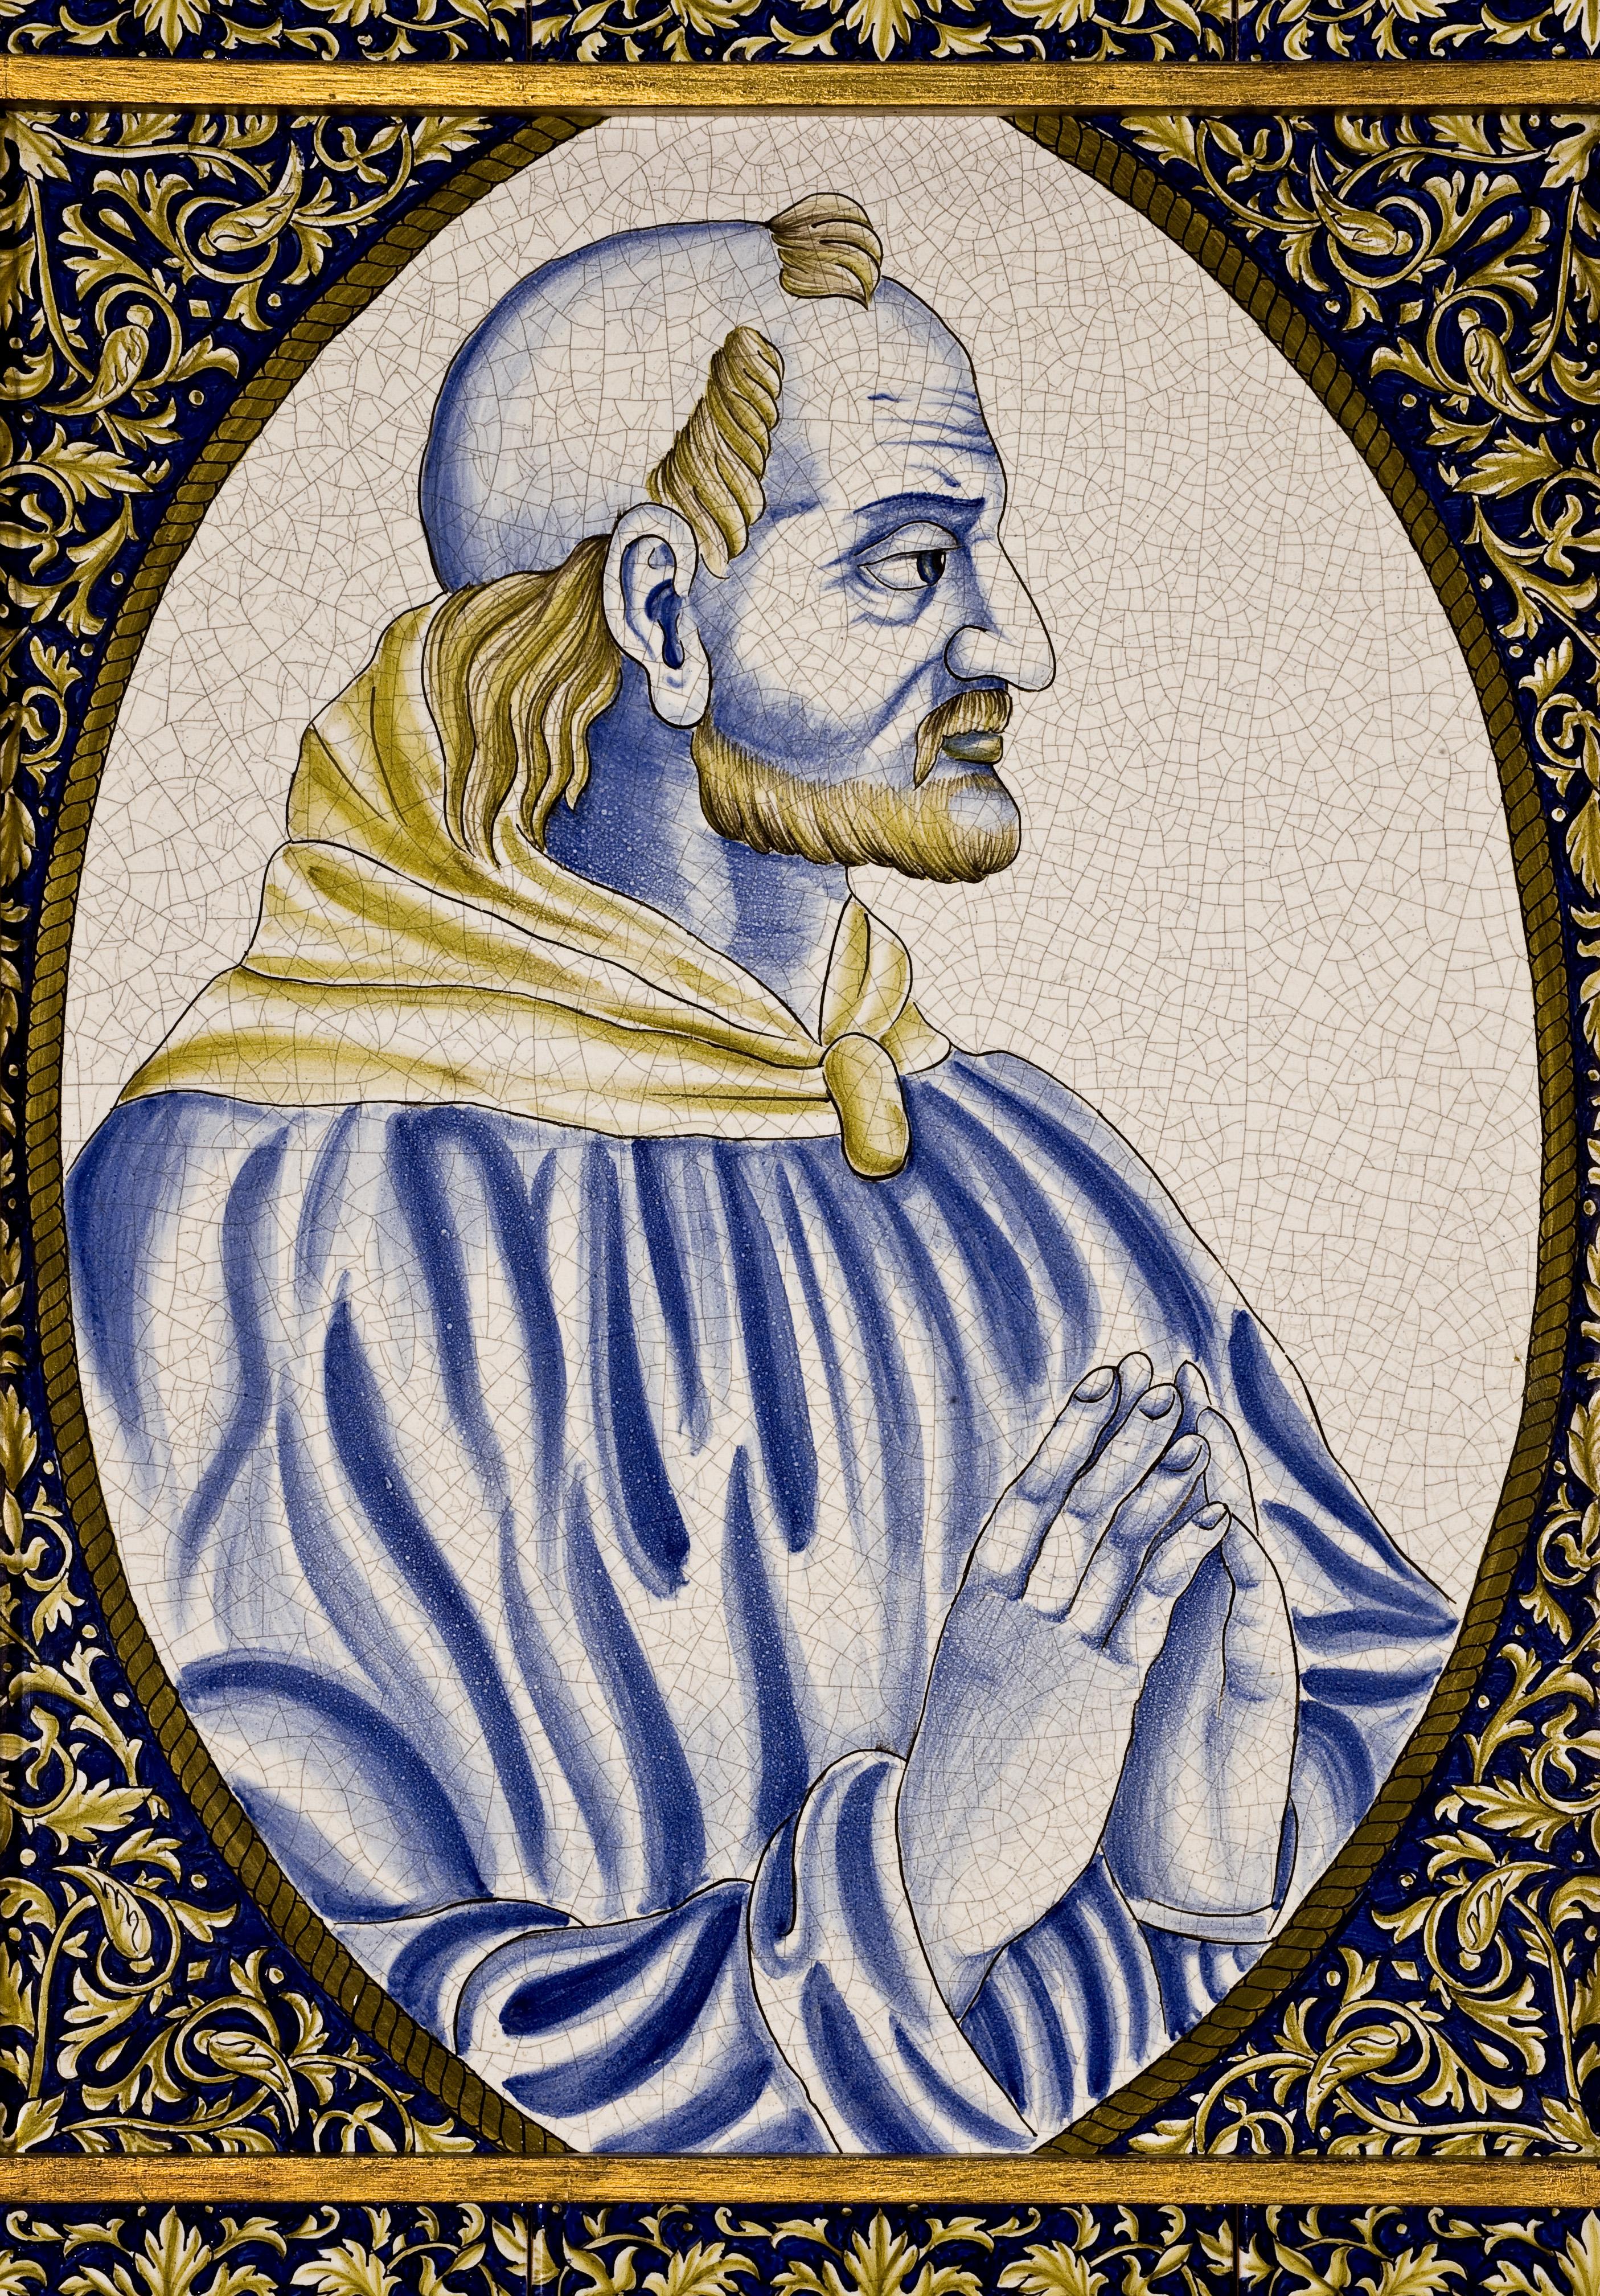 Giovanni XXI ritratto in una ceramica medievale